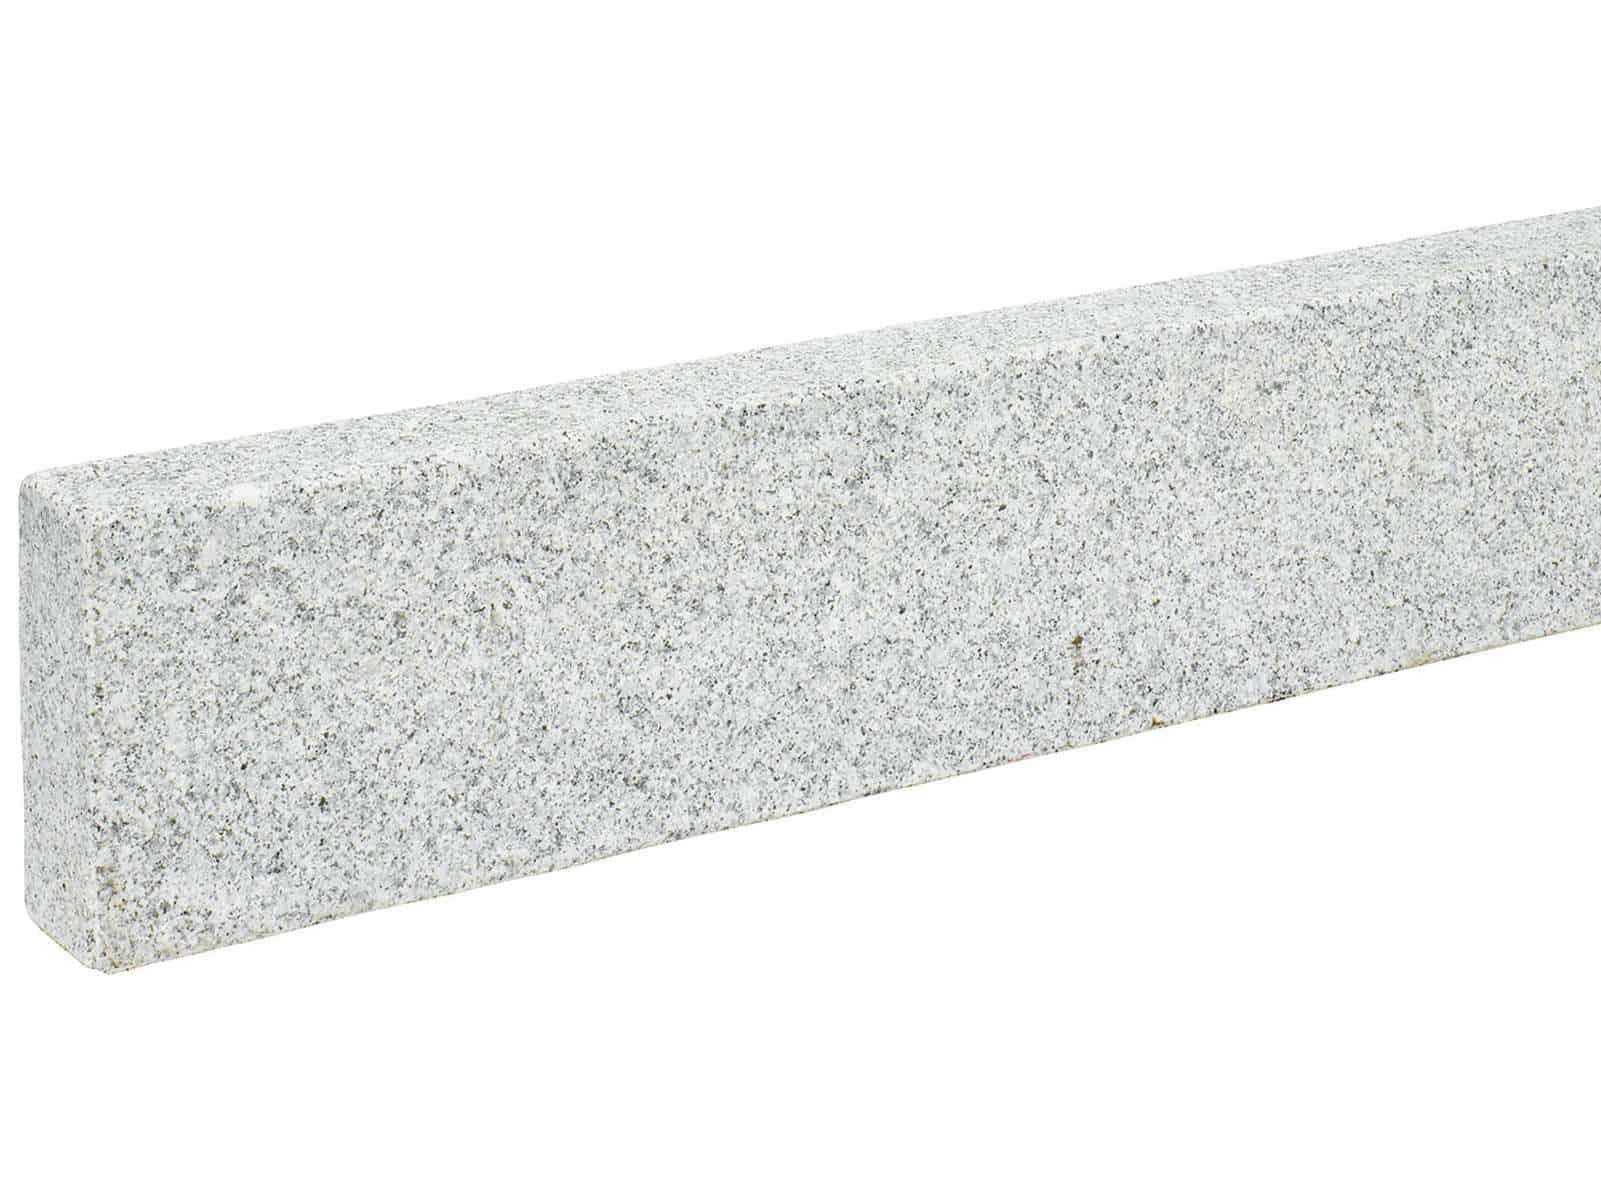 Randsteine aus grauem Granit . gesägt und geflammt